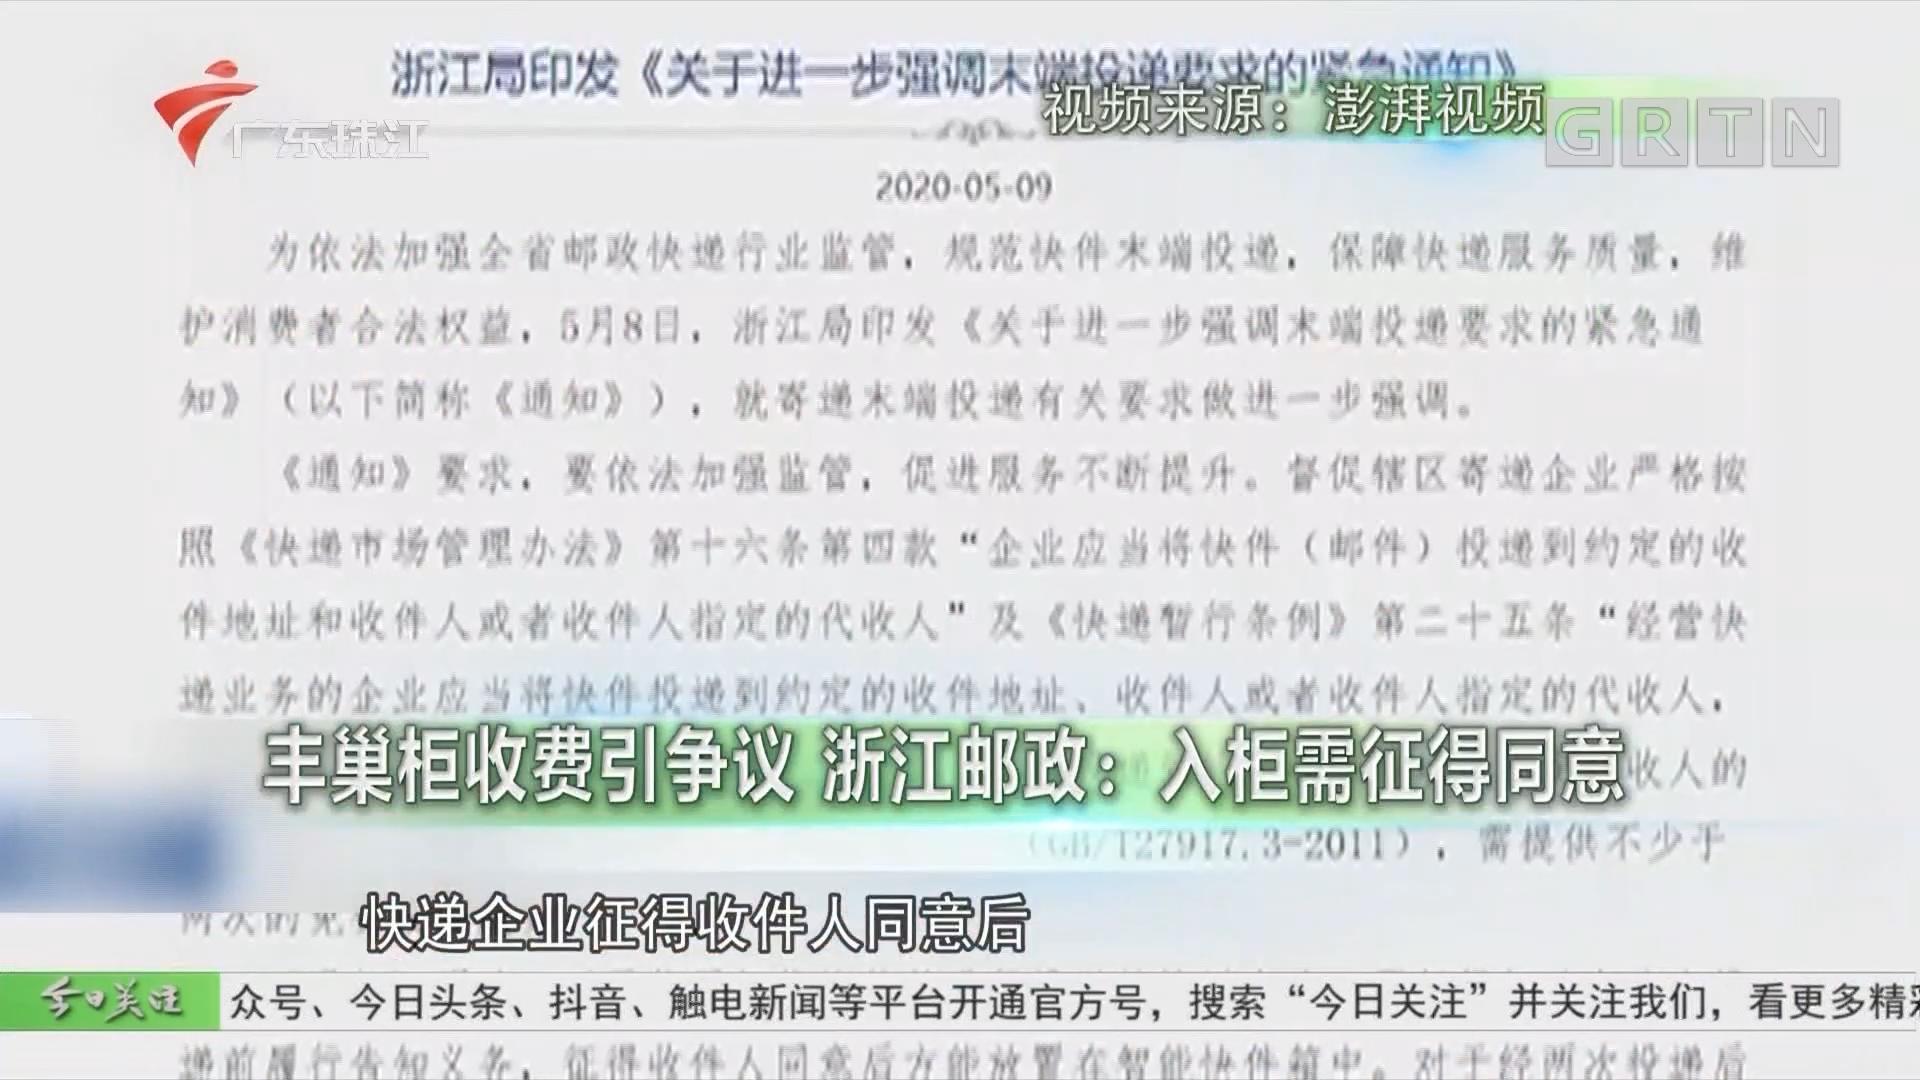 豐巢柜收費引爭議 浙江郵政:入柜需征得同意